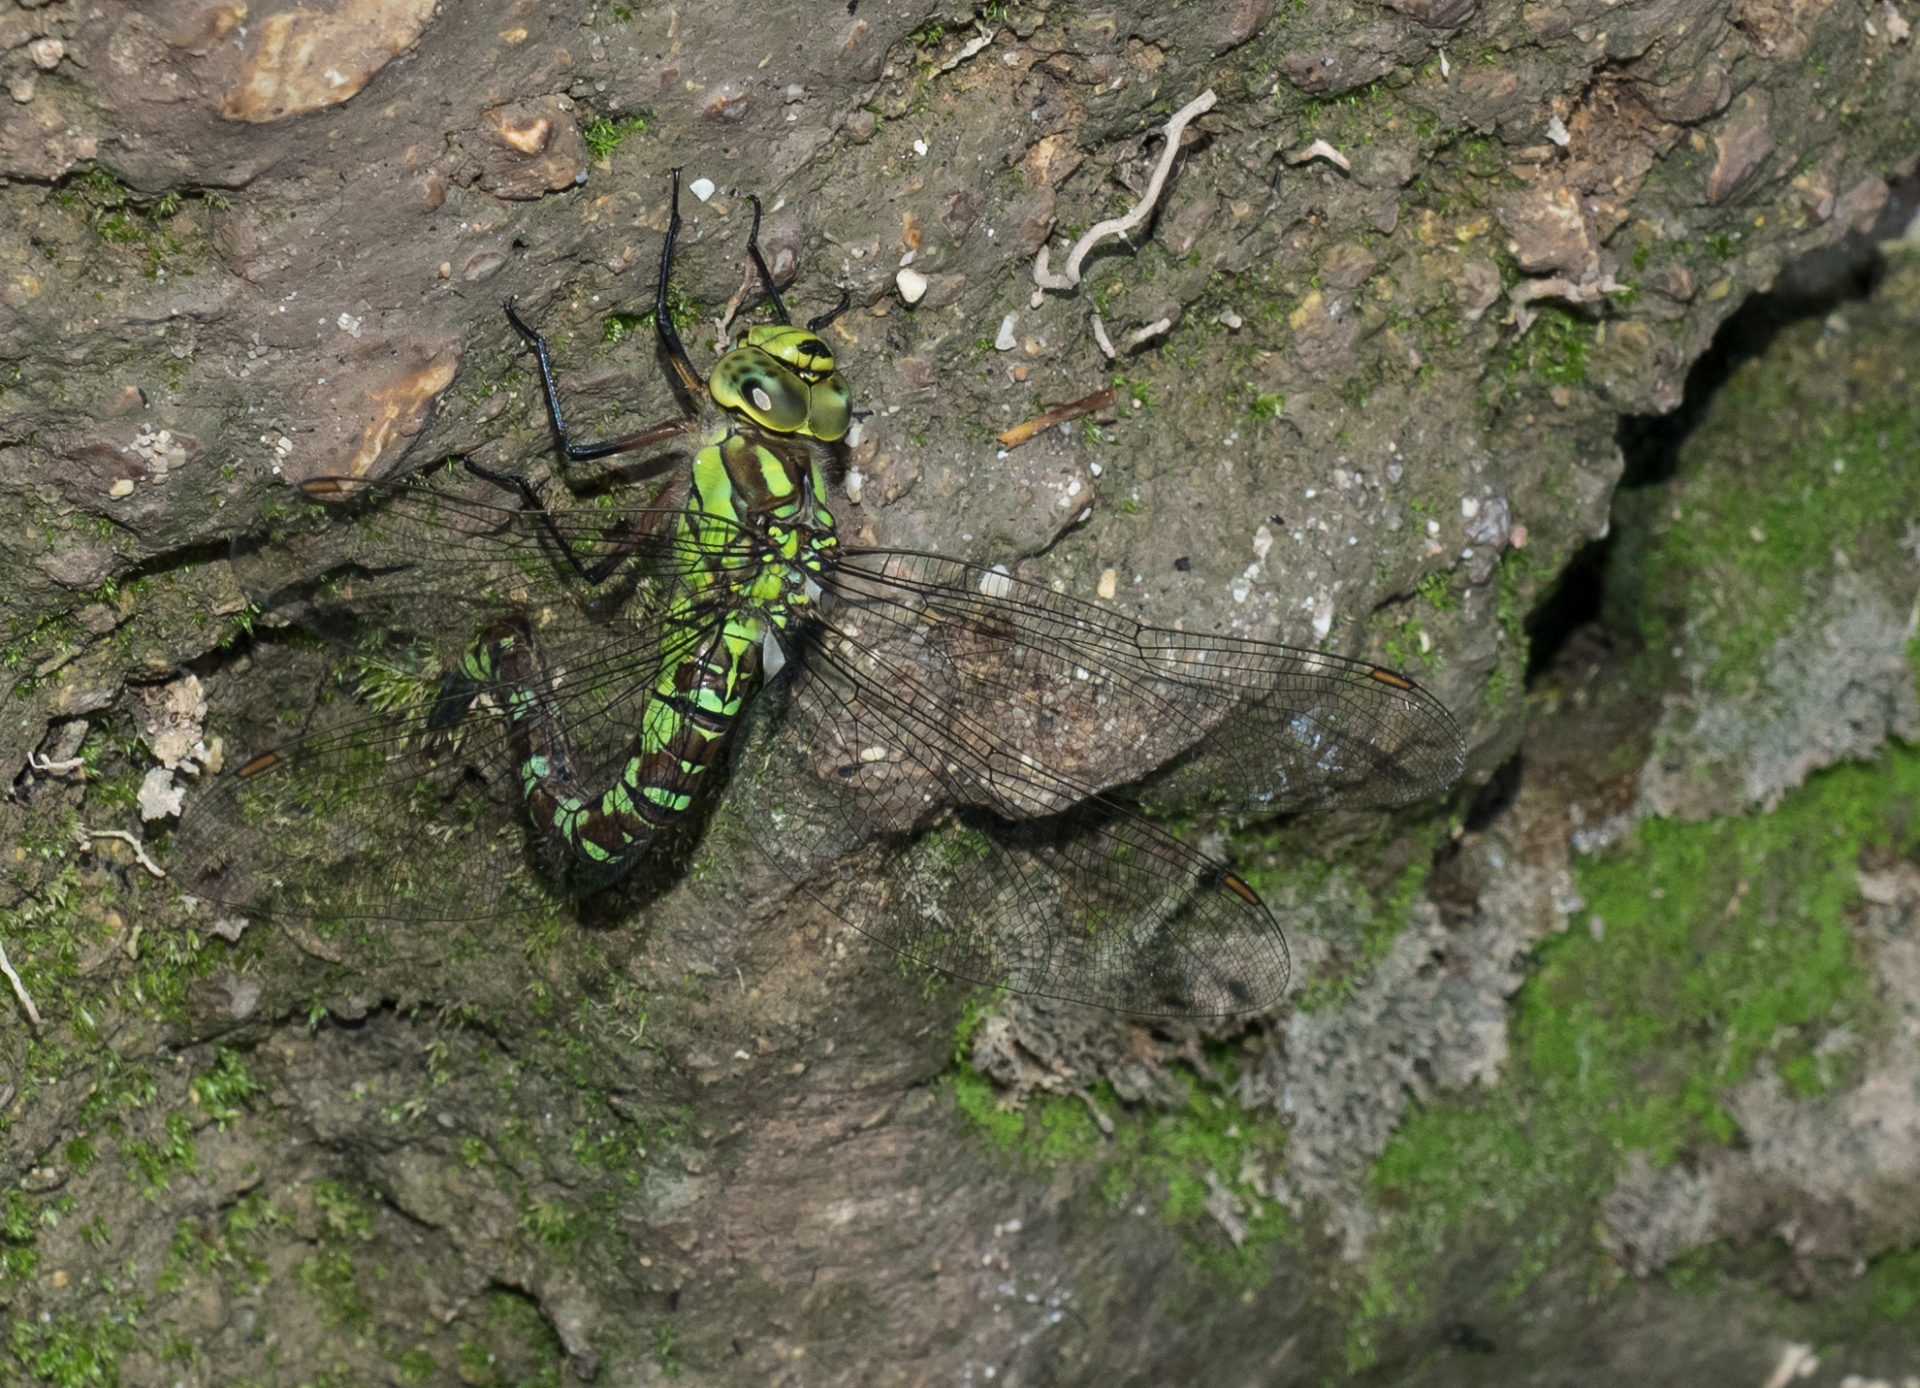 Aeshna cyanea - dragone verdeazzurro